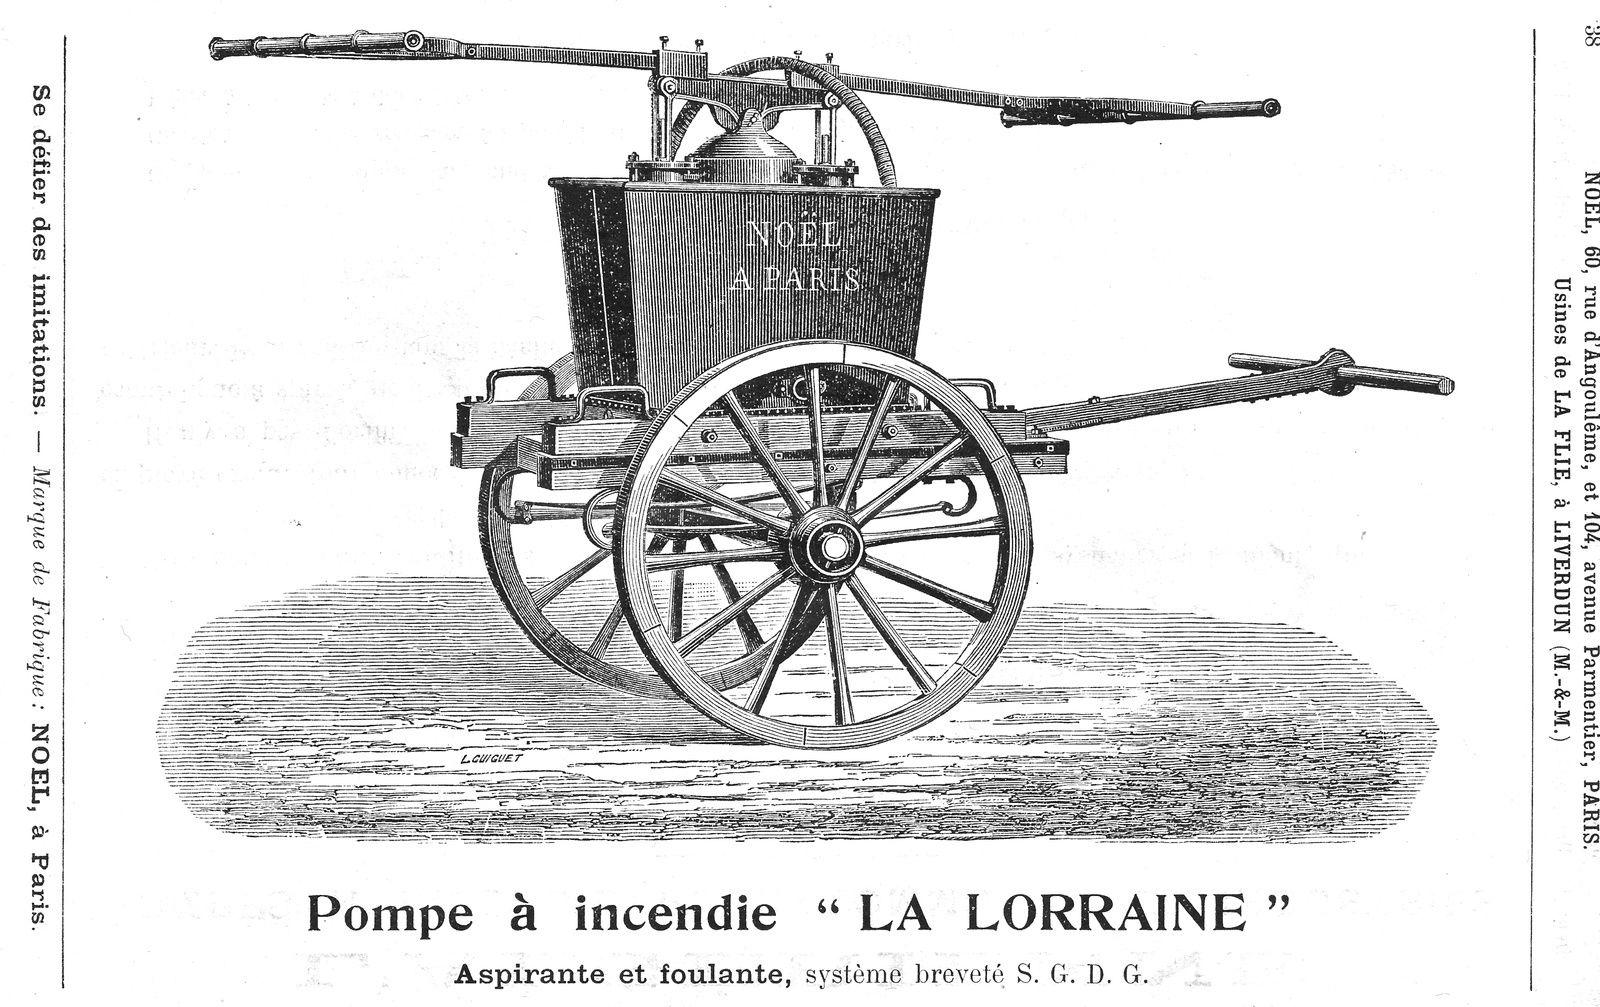 Cette grosse pompe à incendie pouvait envoyer 370 litres par minute à raison de 60 coups doubles des balanciers. Son prix était en 1902 d'environ 700 F .